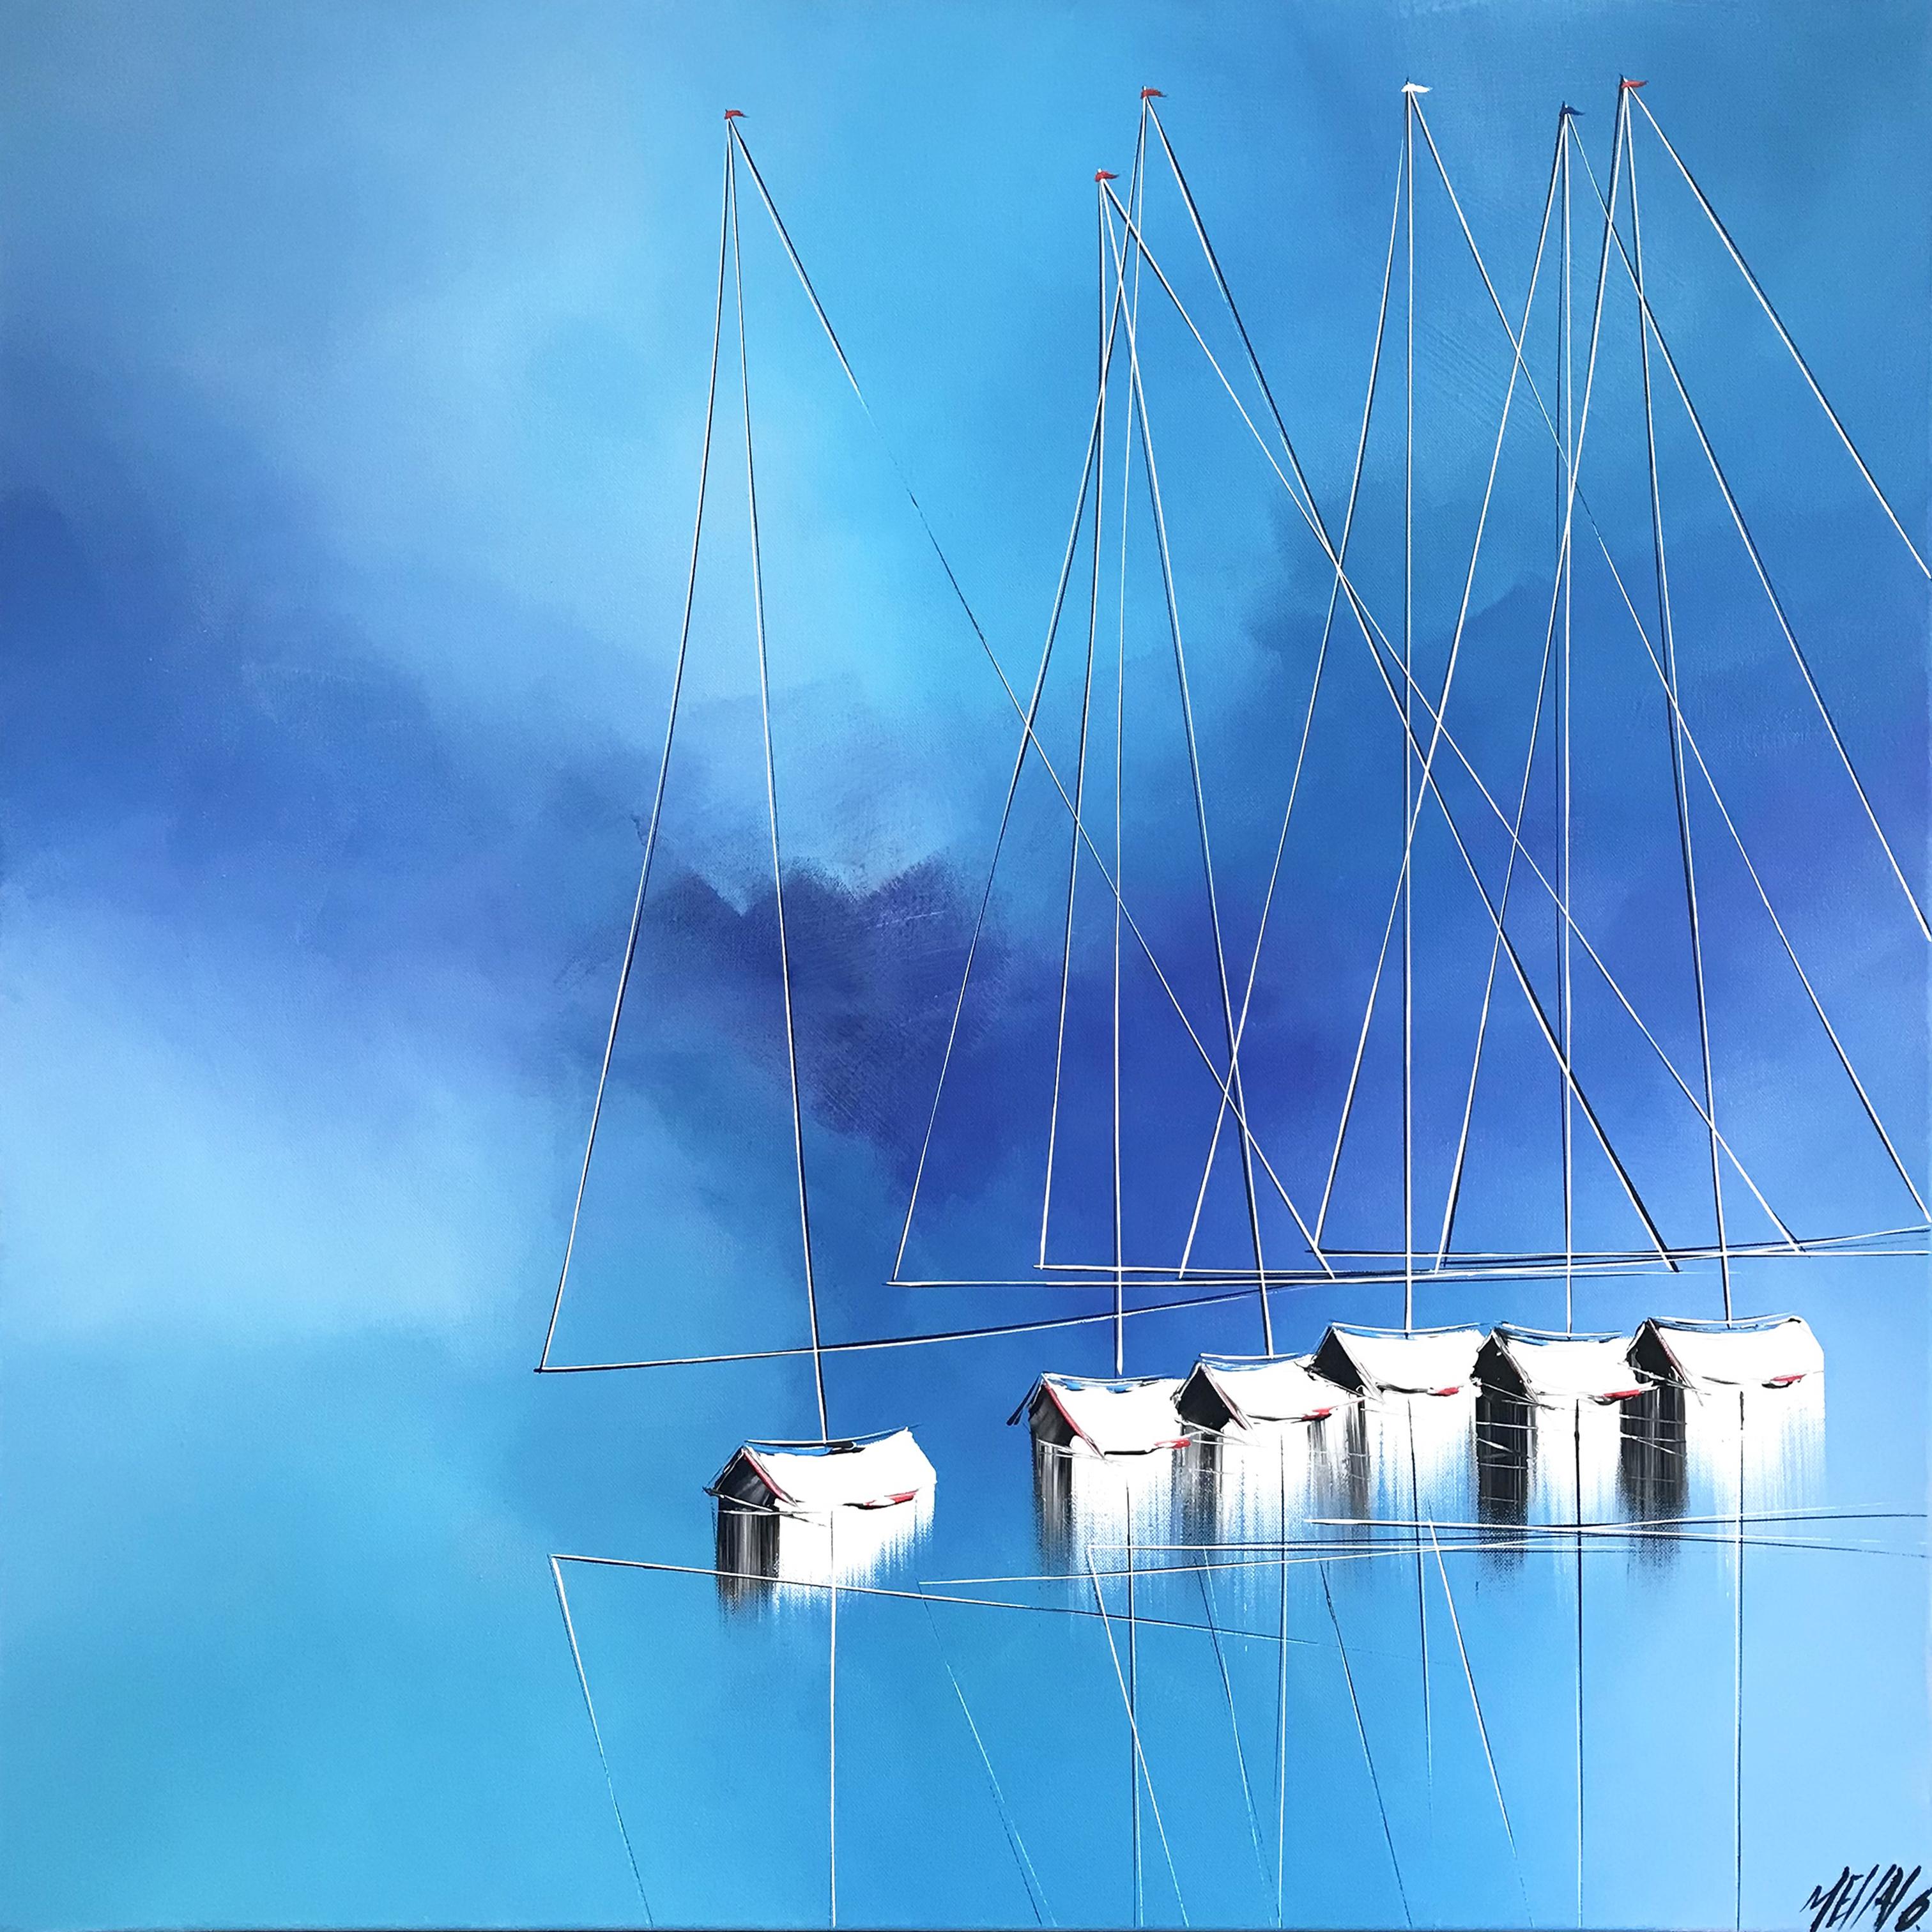 Un océan bleu azur...   80x80cm